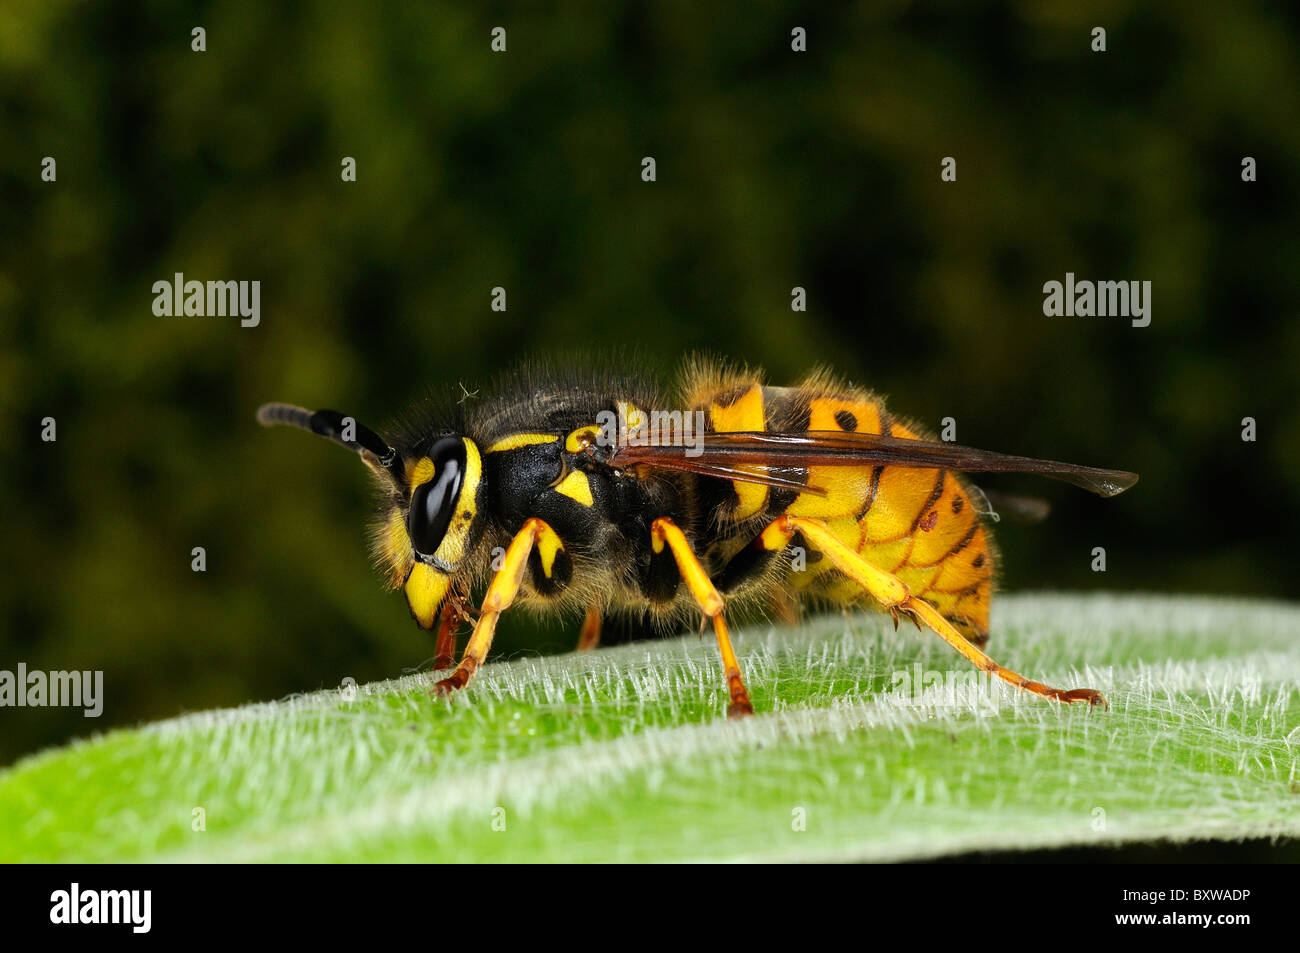 Common wasp (Vespula vulgaris) resting on leaf, Oxfordshire, UK. - Stock Image